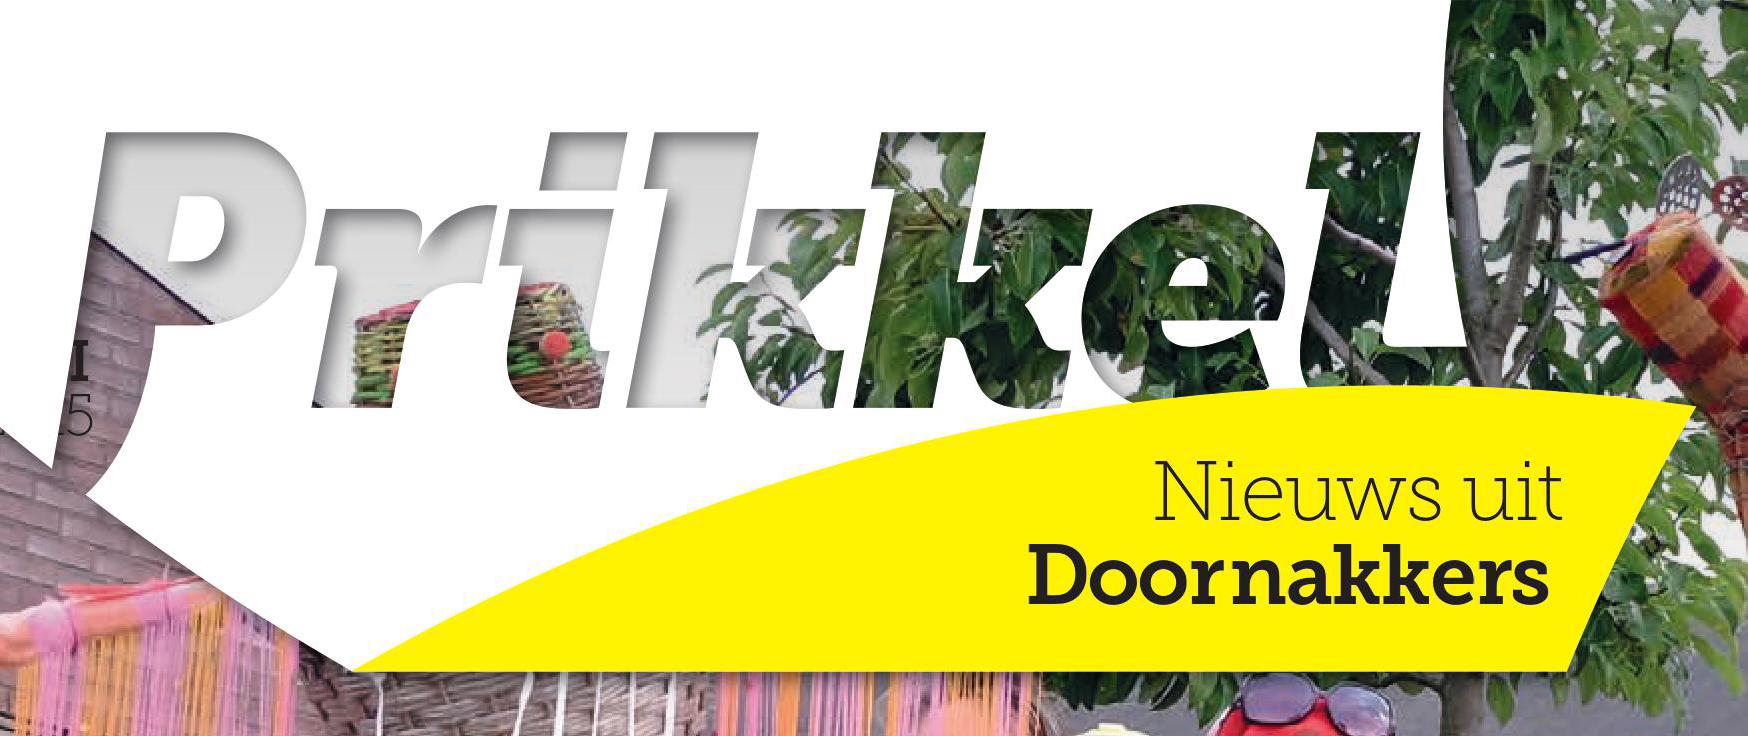 Prikkel-Wijkblad-Doornakkers-Eindhoven